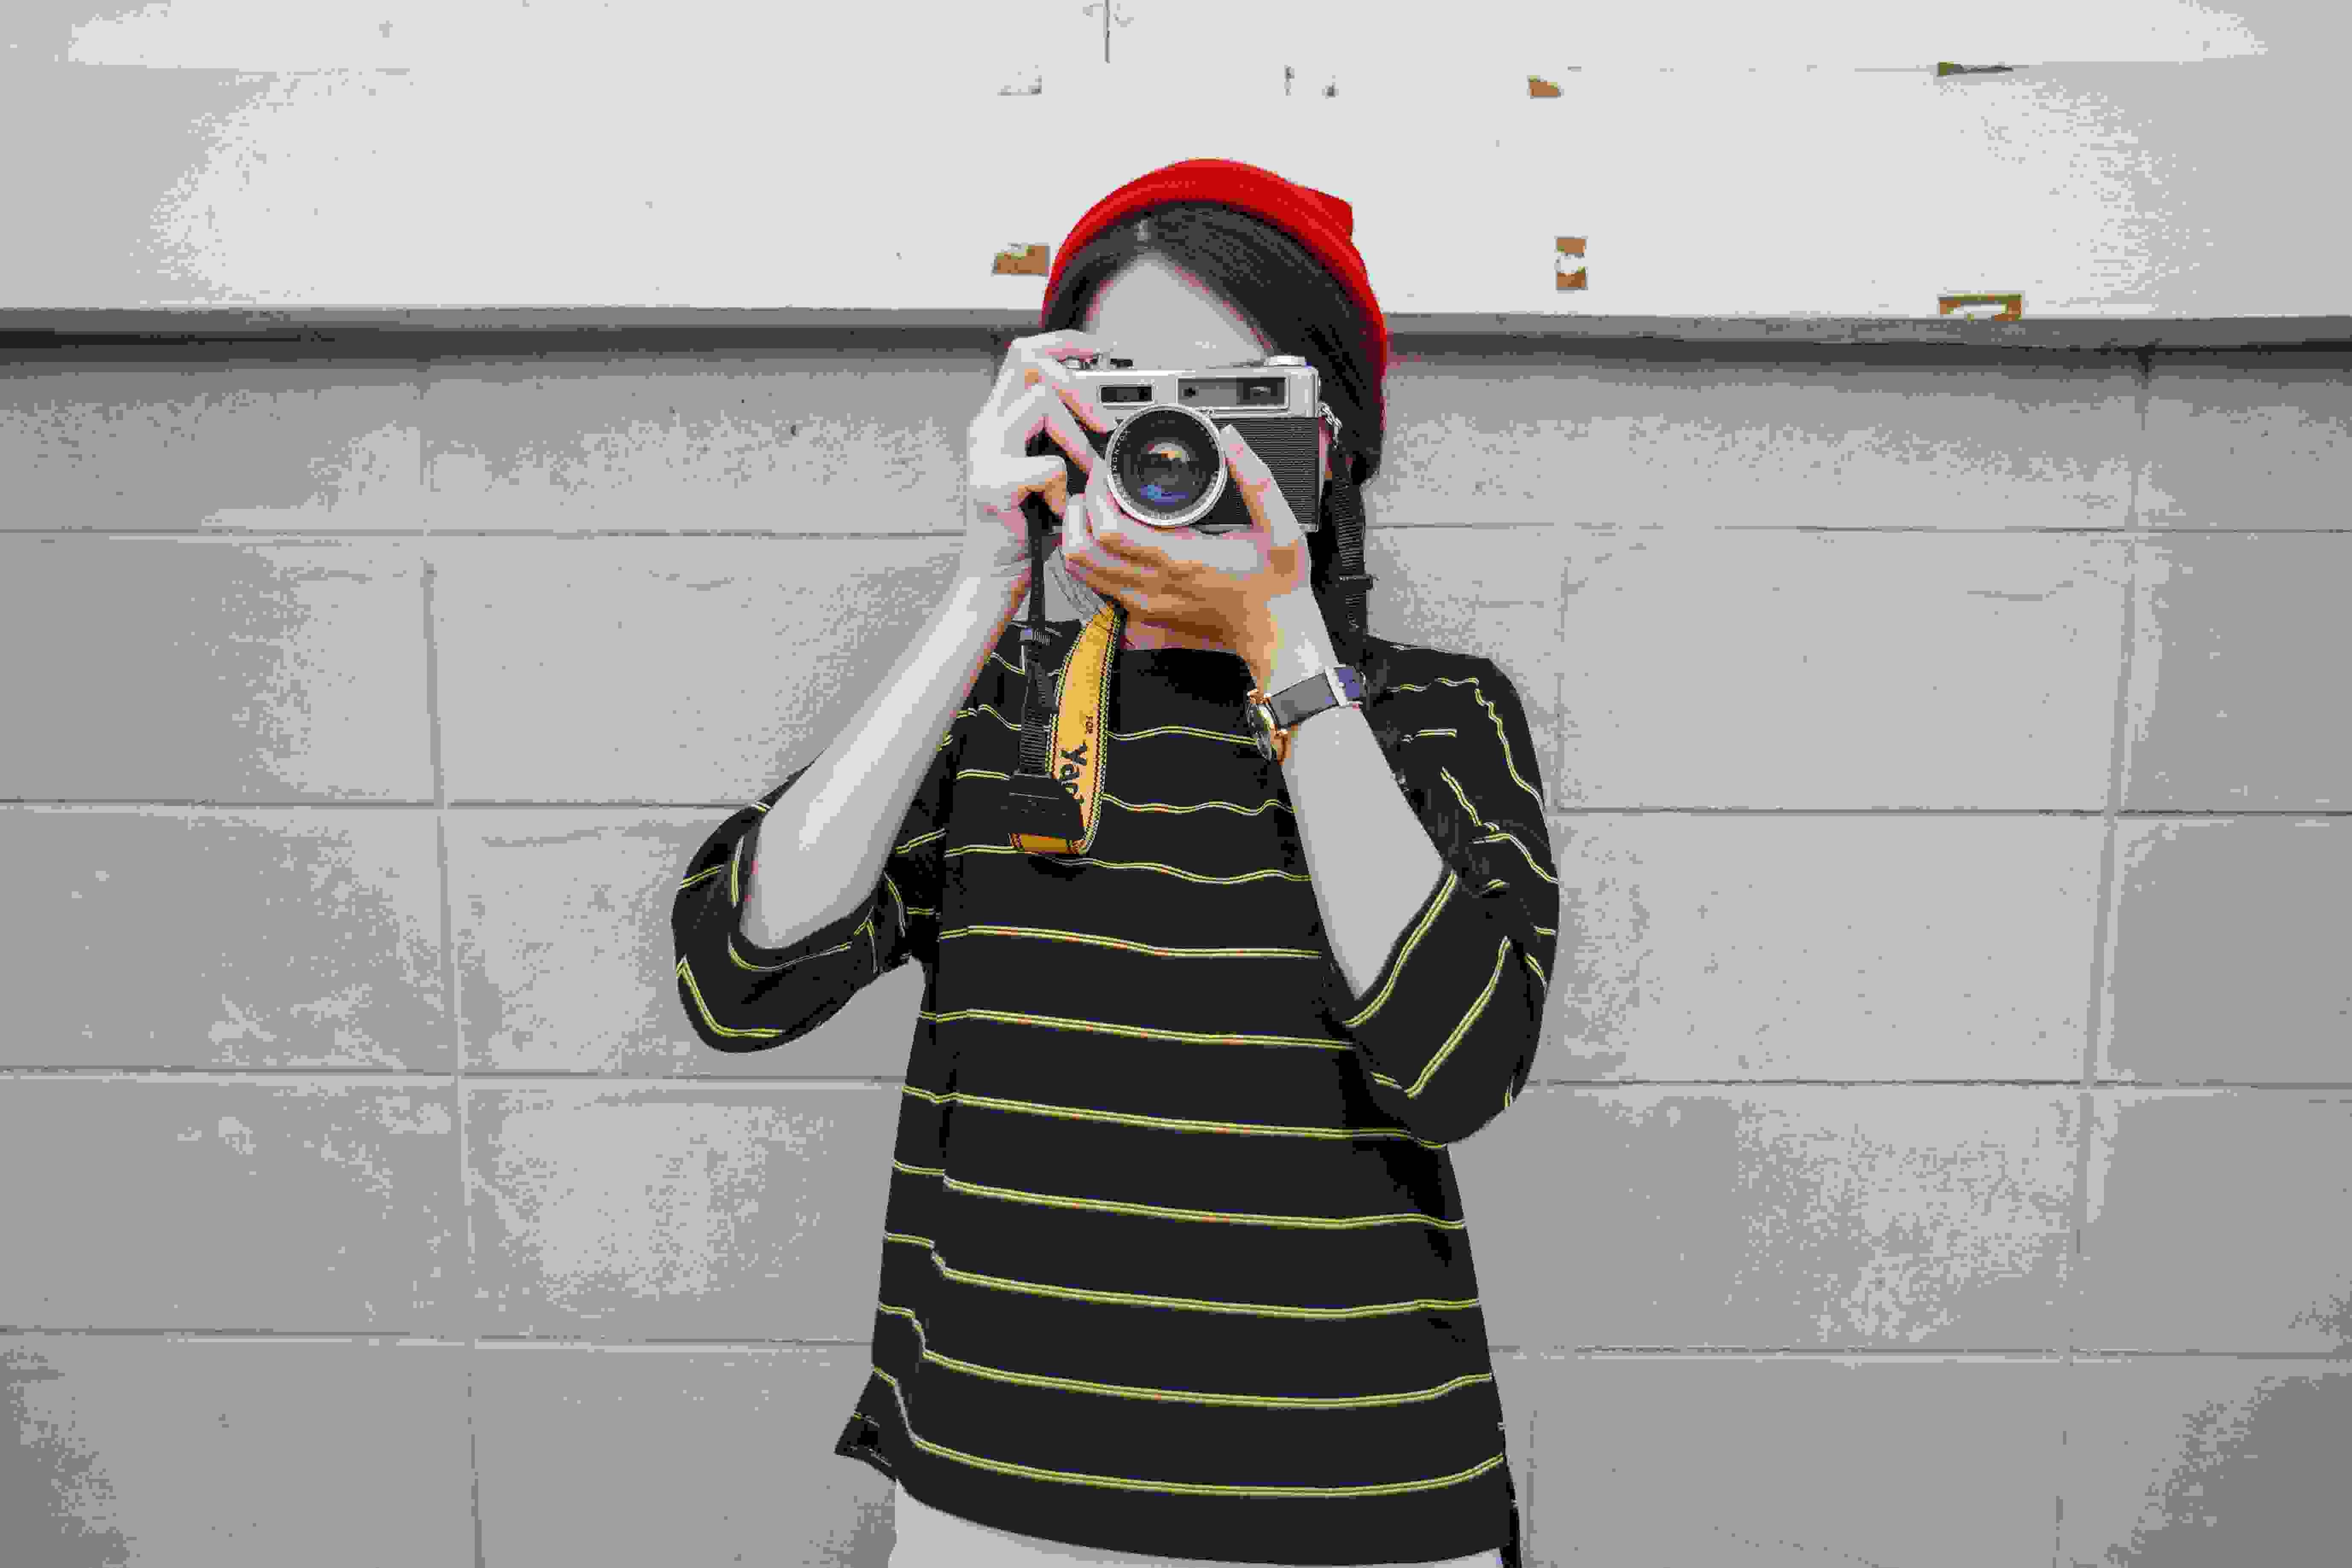 imagen de chica haciendo foto